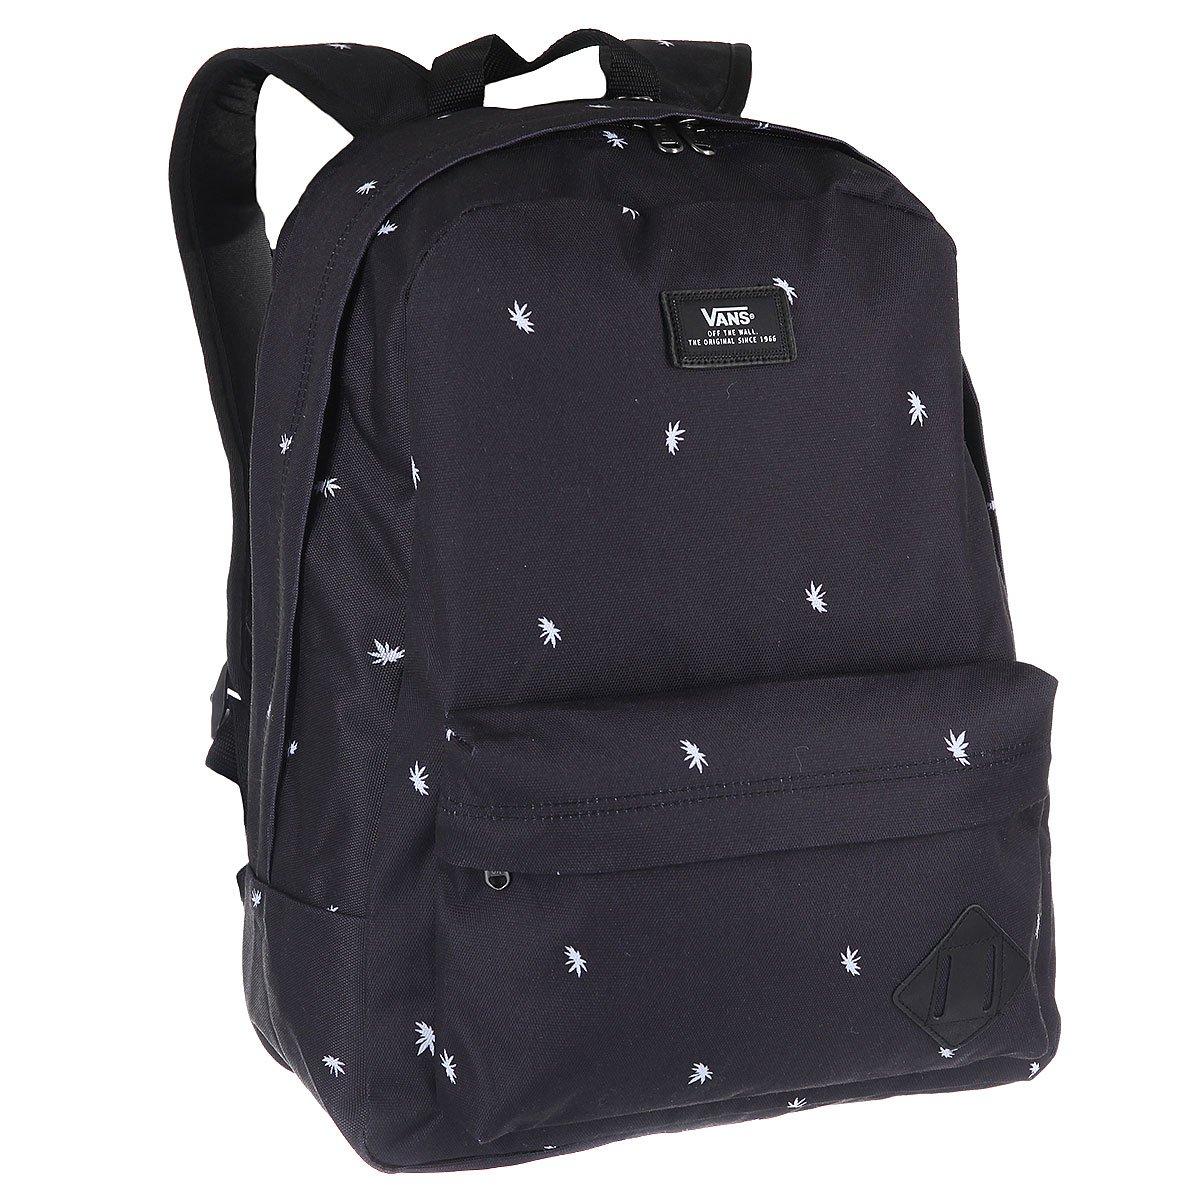 Купить рюкзак городской Vans Old Skool Plus Bac Palm Ditsy в ... f417255254c